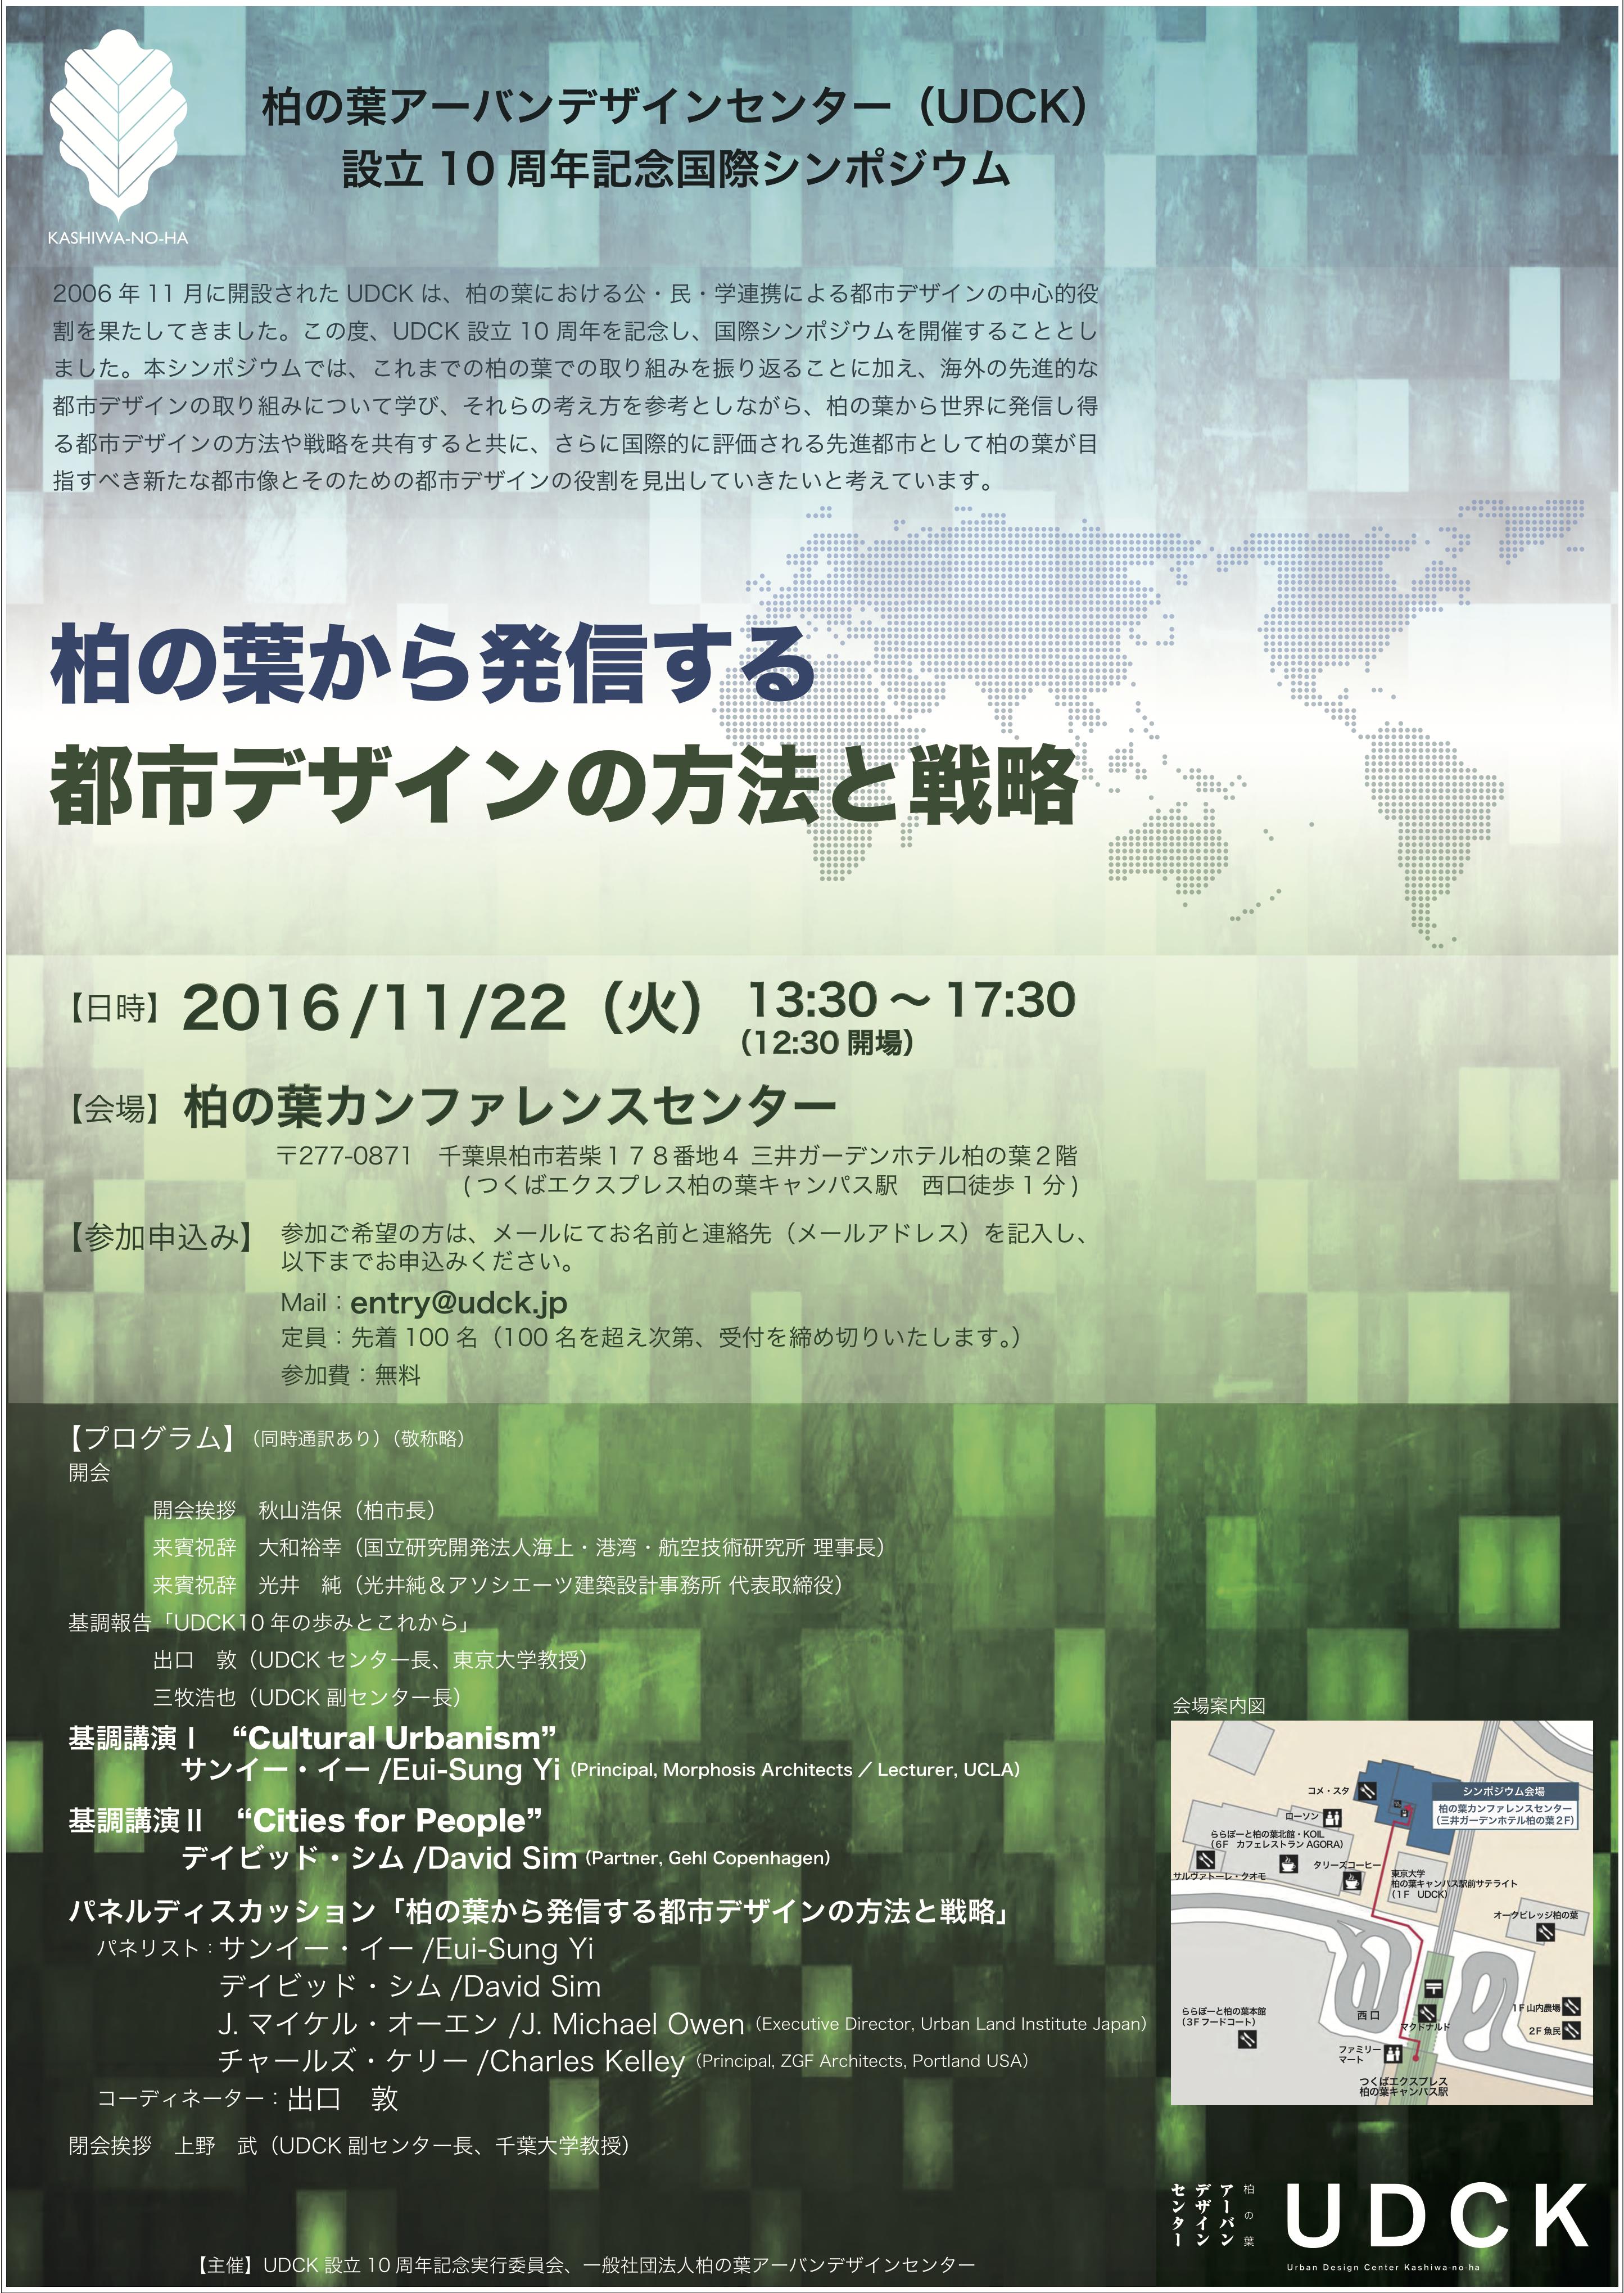 http://www.udck.jp/event/10shunen.png